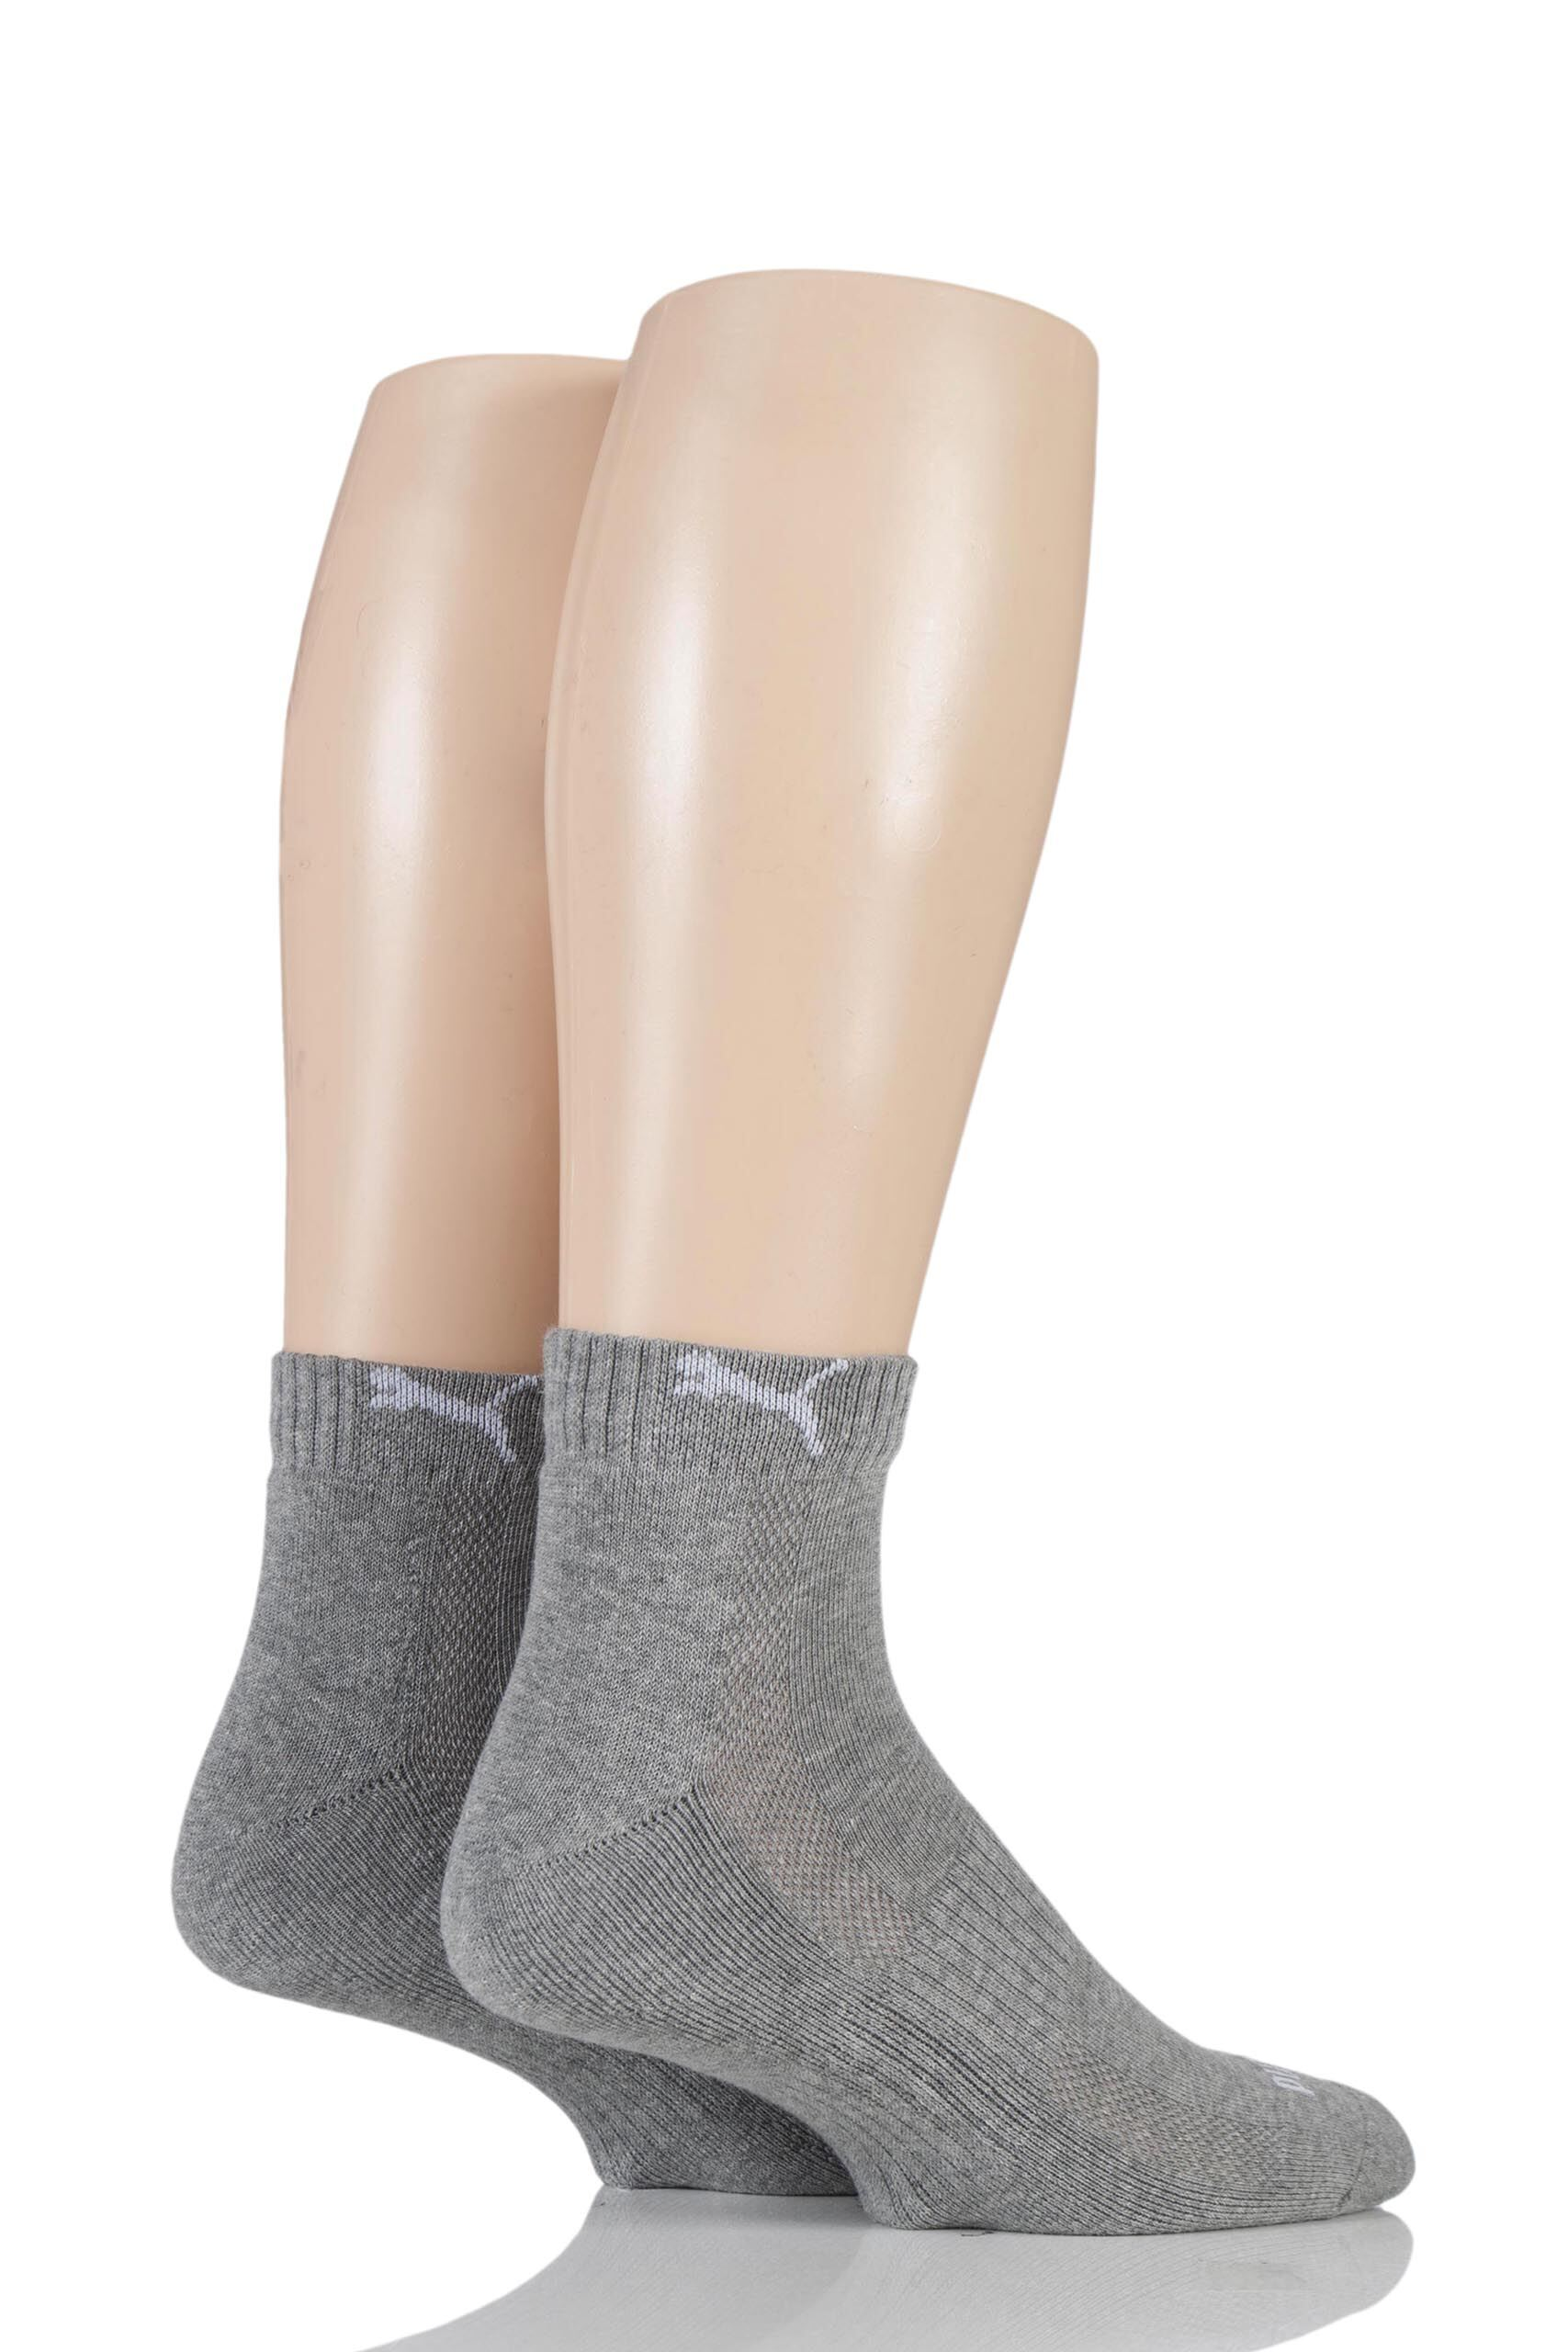 Image of 2 Pair Grey Quarter Socks Unisex 2.5-5 Unisex - Puma